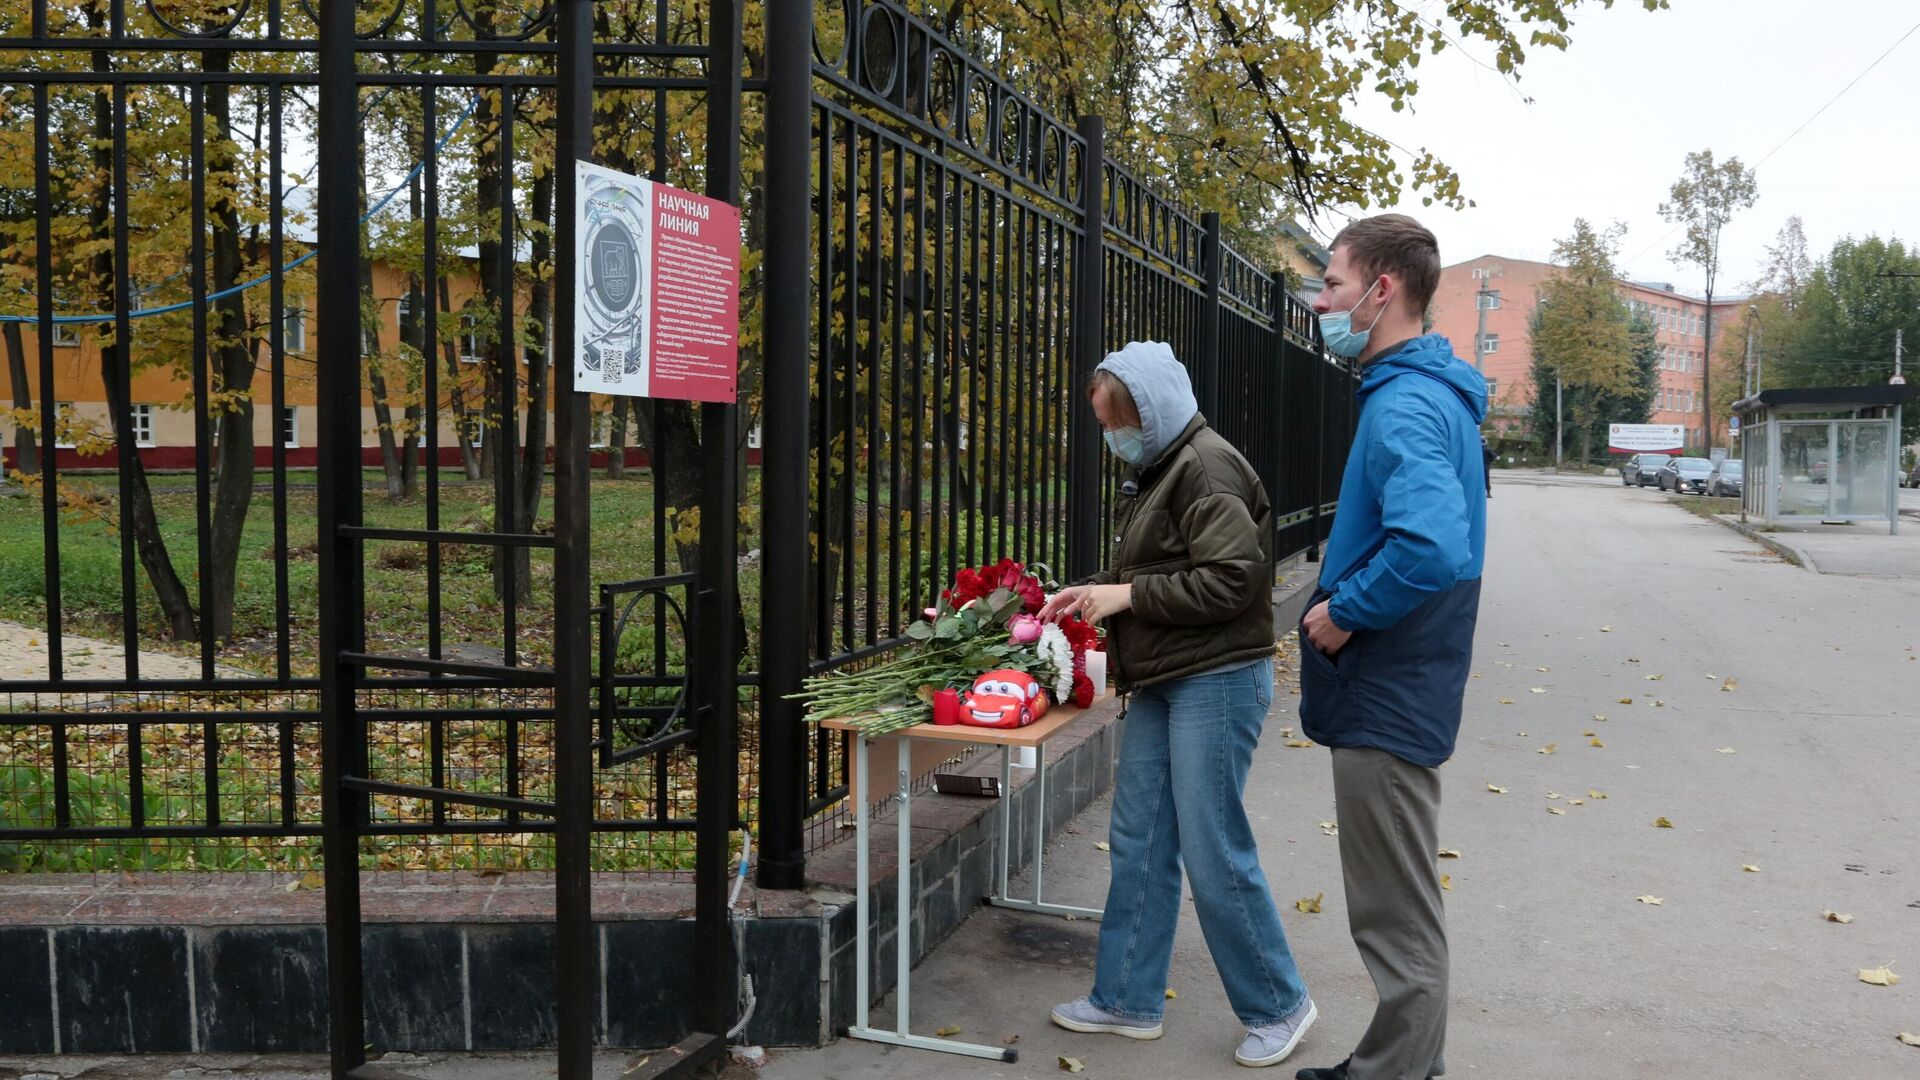 Люди возлагают цветы в память о погибших в результате стрельбы в Пермском университете - РИА Новости, 1920, 25.09.2021